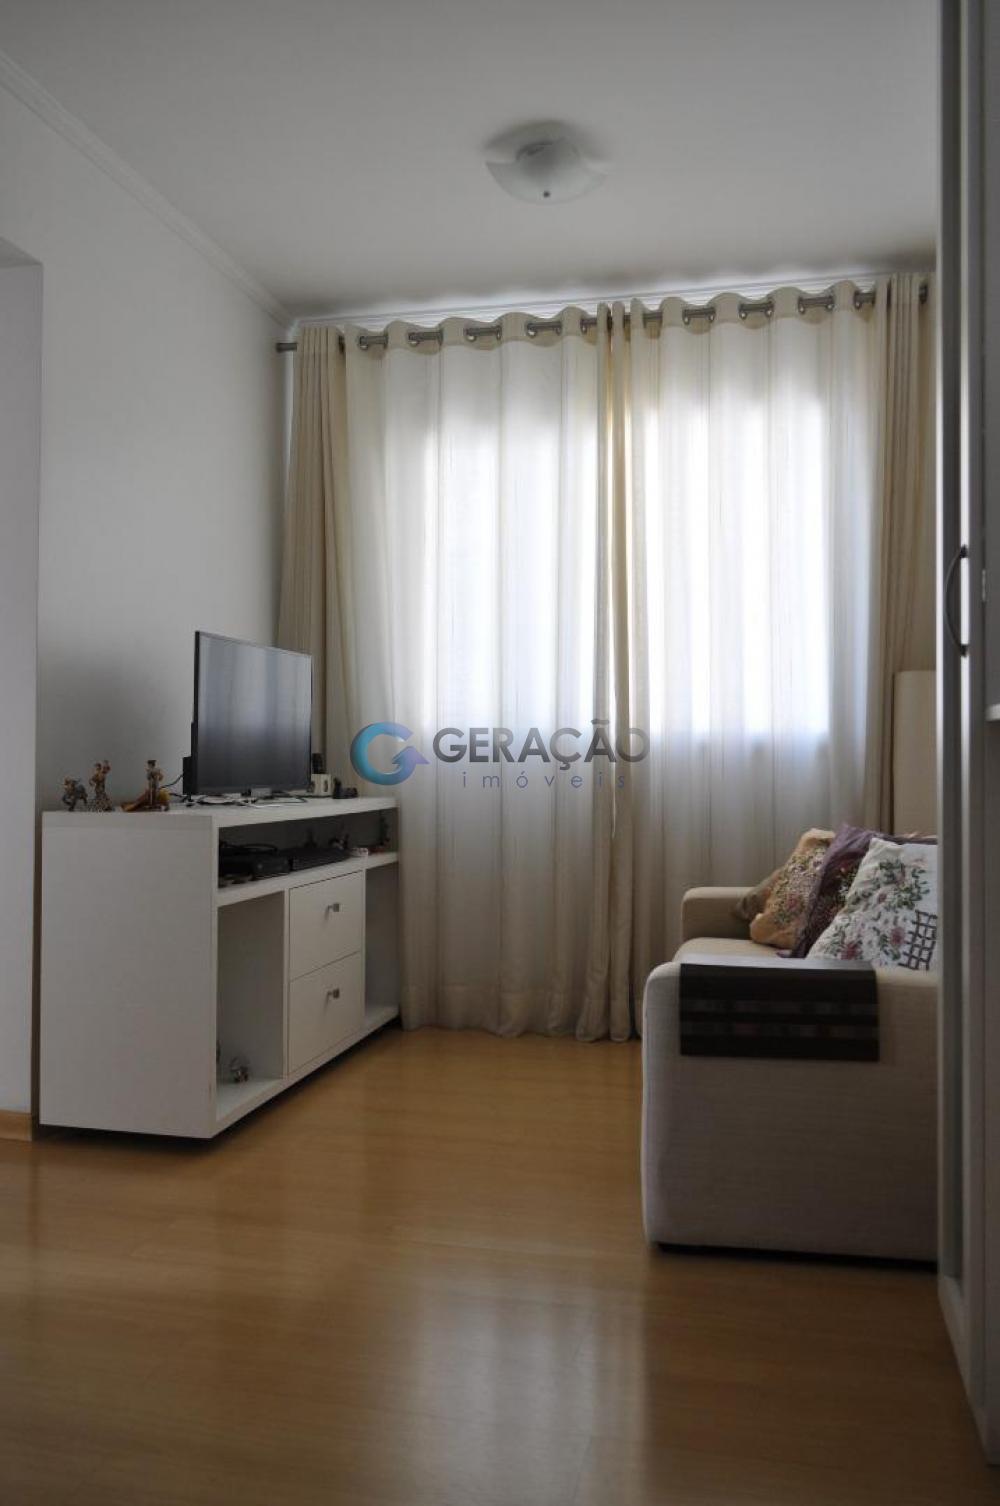 Comprar Apartamento / Padrão em São José dos Campos apenas R$ 240.000,00 - Foto 2